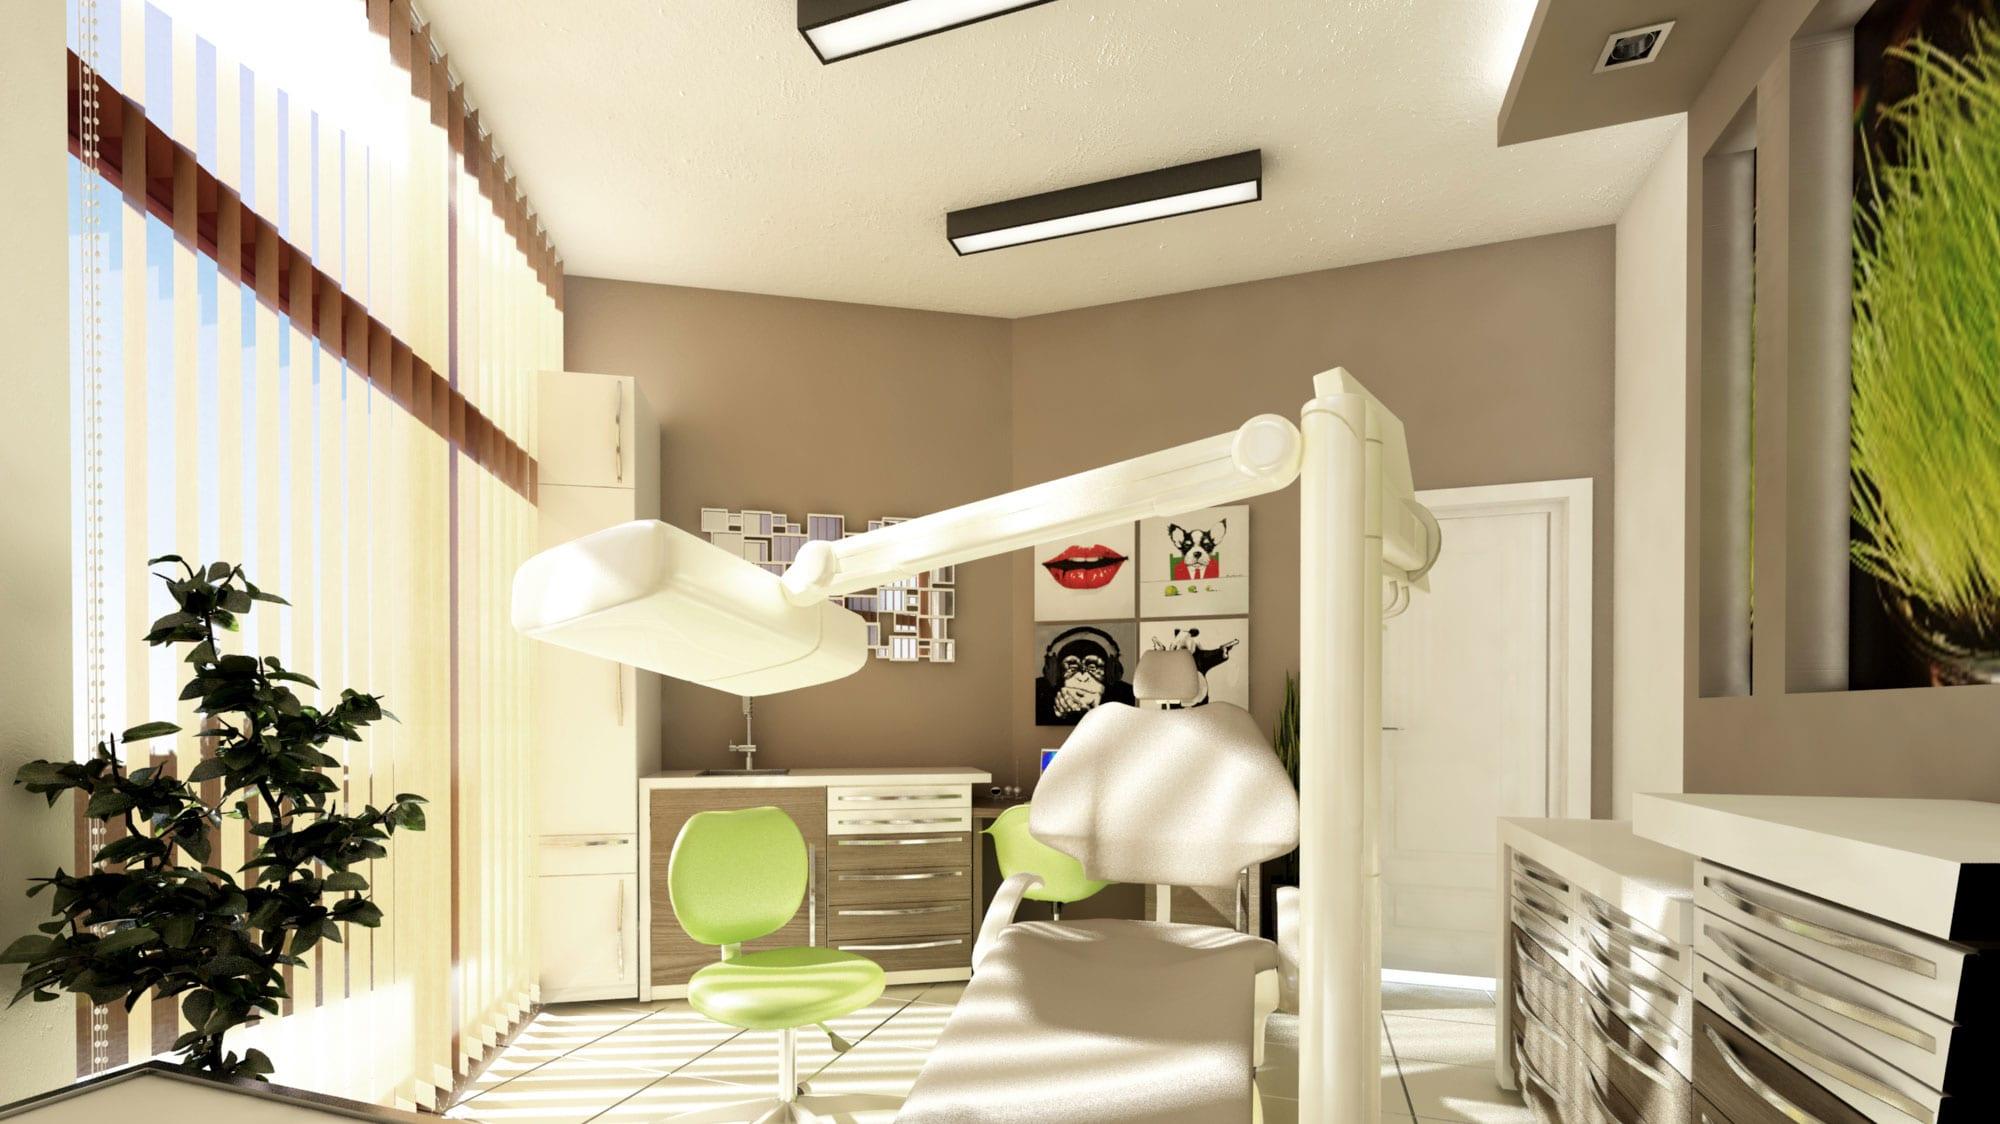 dental office interior design. dentist office interior design dental